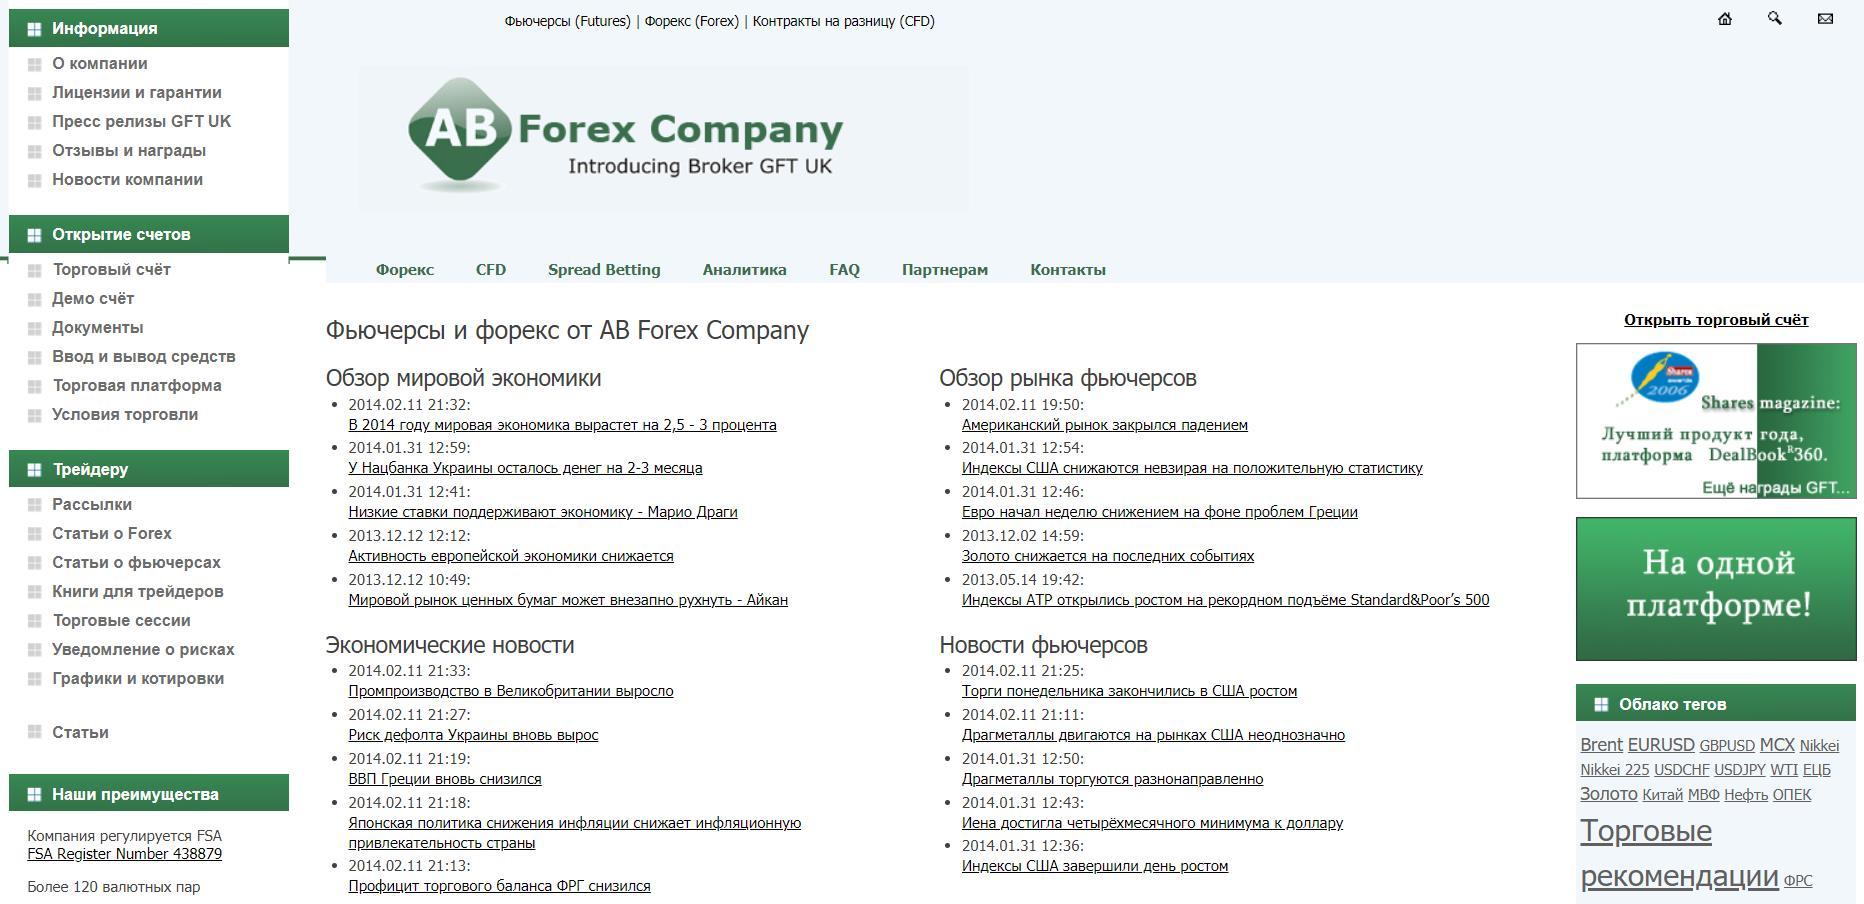 официальный сайт ab forex company